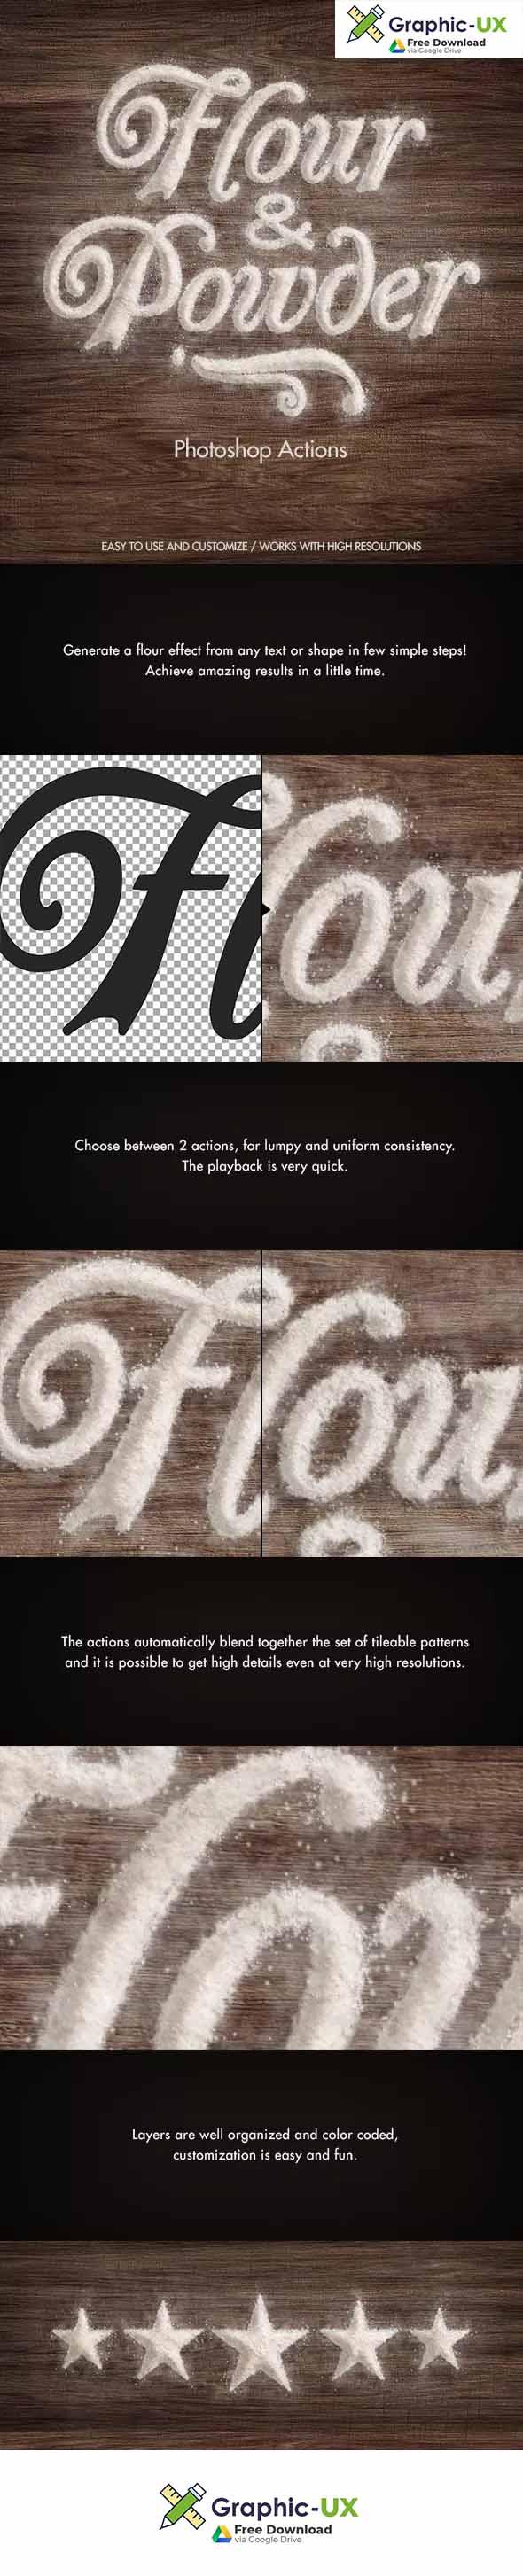 Flour & Powder